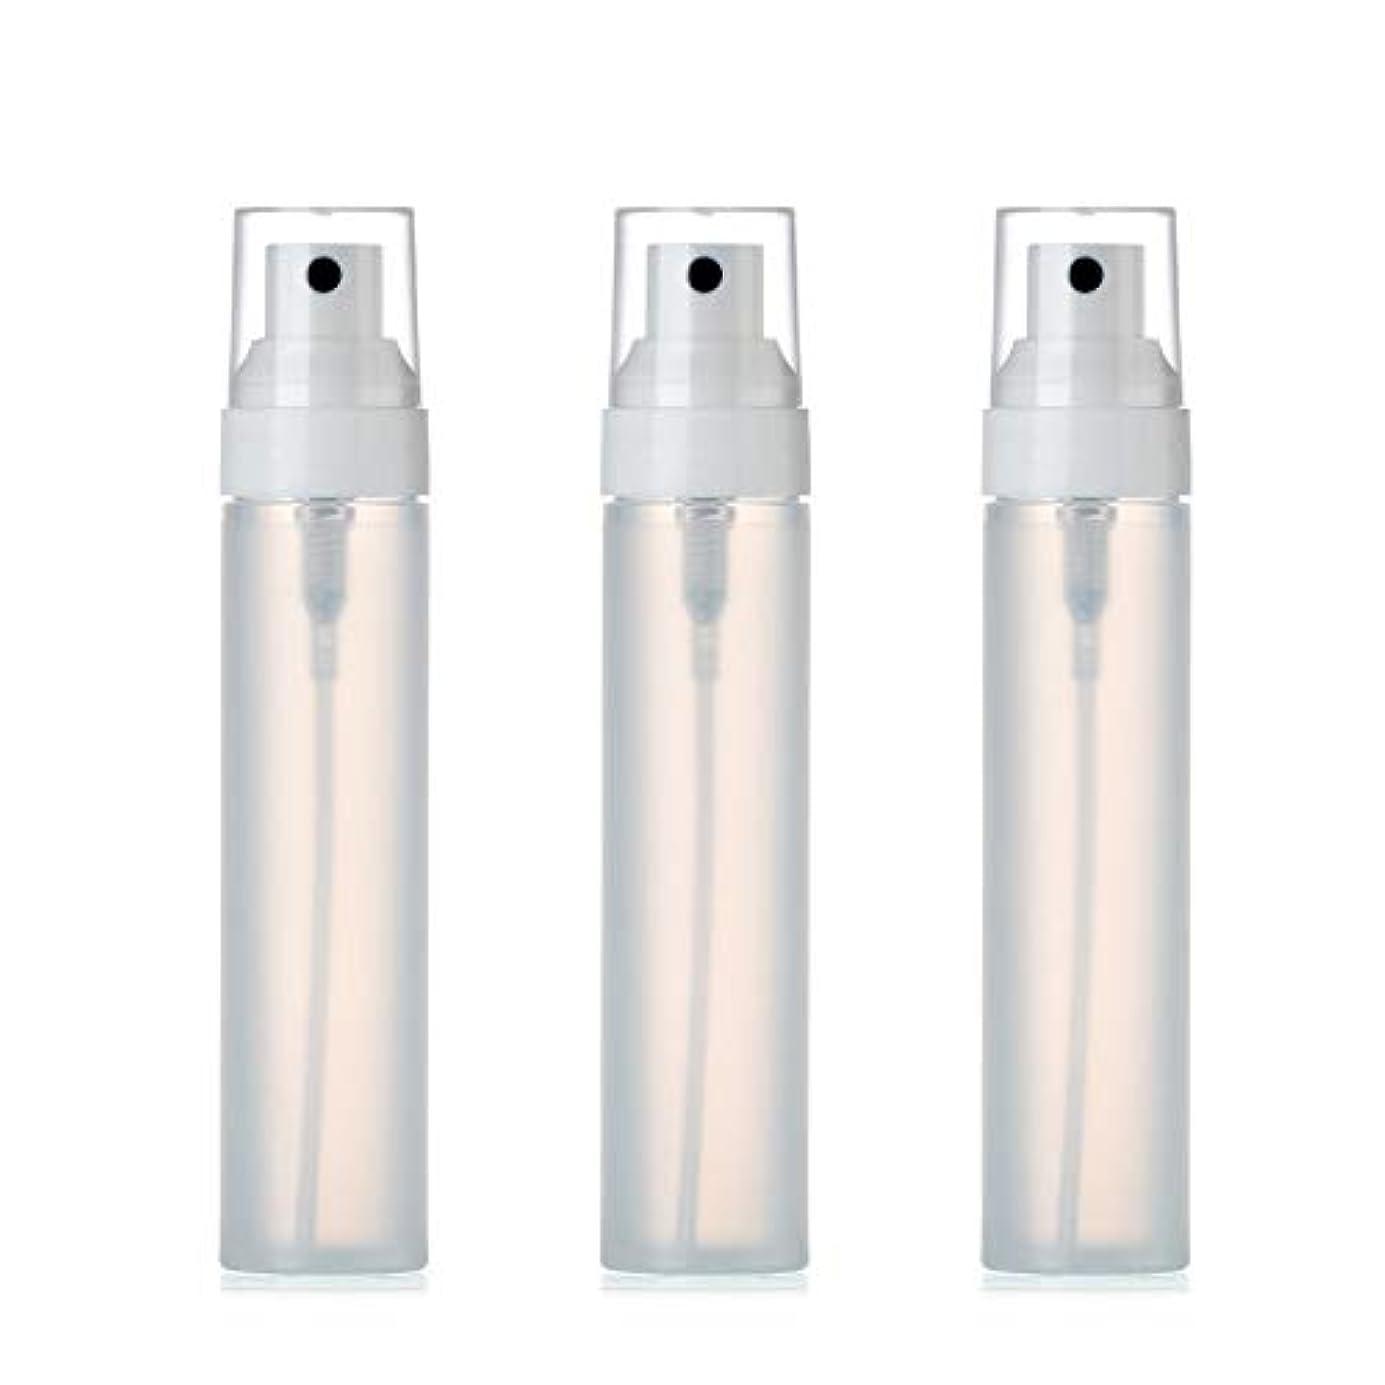 溝お肉上向き極細のミスト 小分けボトル 3本セット 半透明 トラベルボトル PP 磨砂 スプレーボトル 化粧水 詰替用ボトル 霧吹き 環境保護 詰め替え容器 旅行用品 (50ml)